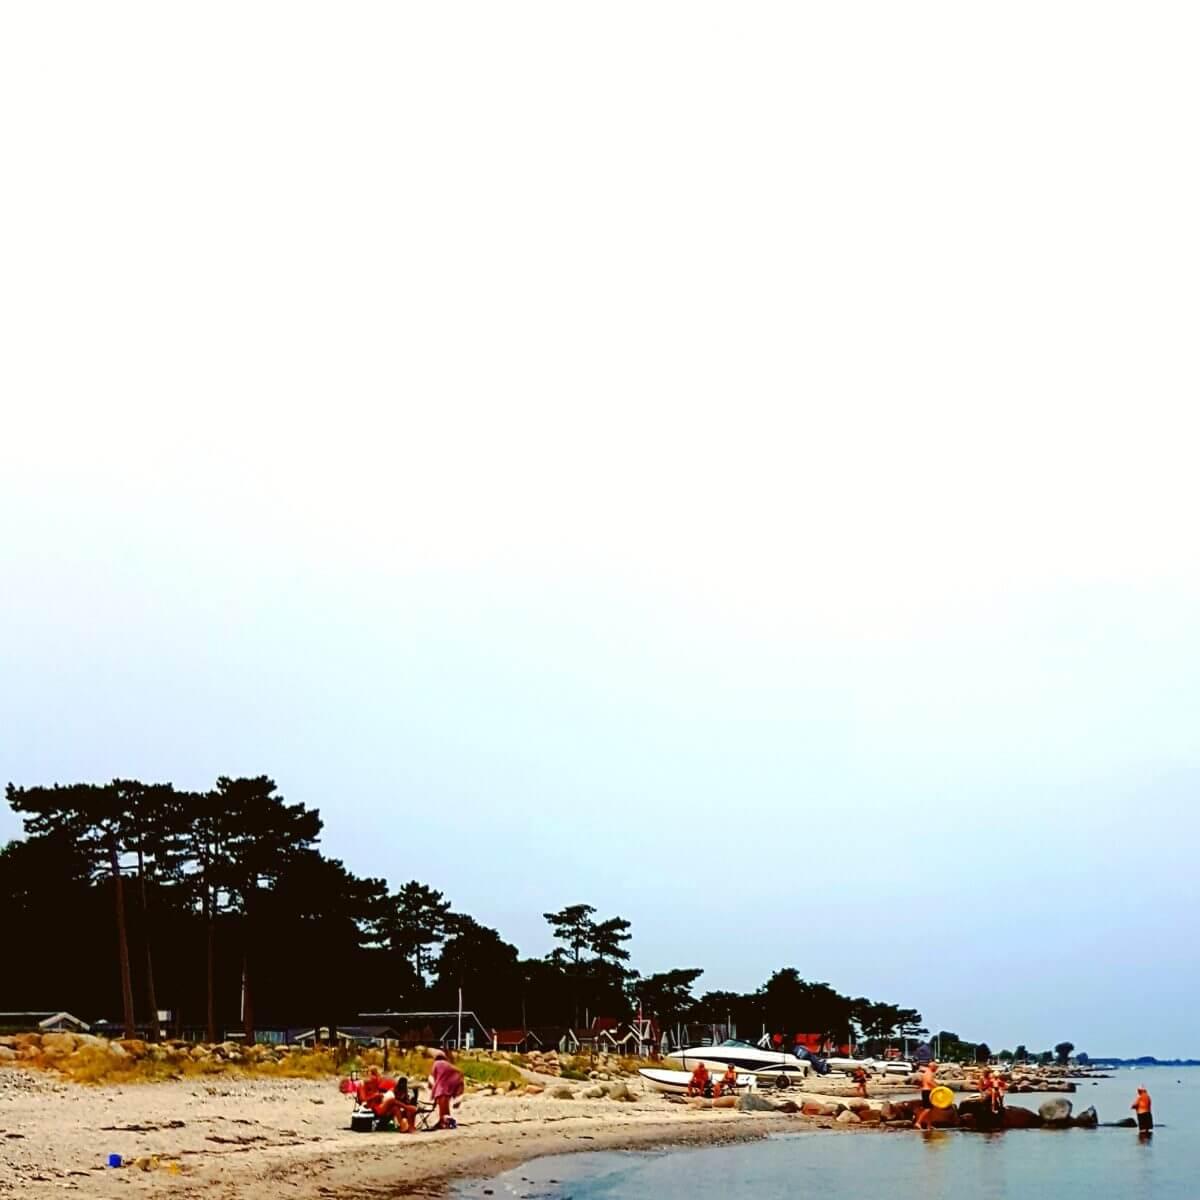 Vakantie met kids: sprookjesachtig Funen in Denemarken - Hasmark bij schiereiland Enebærodde